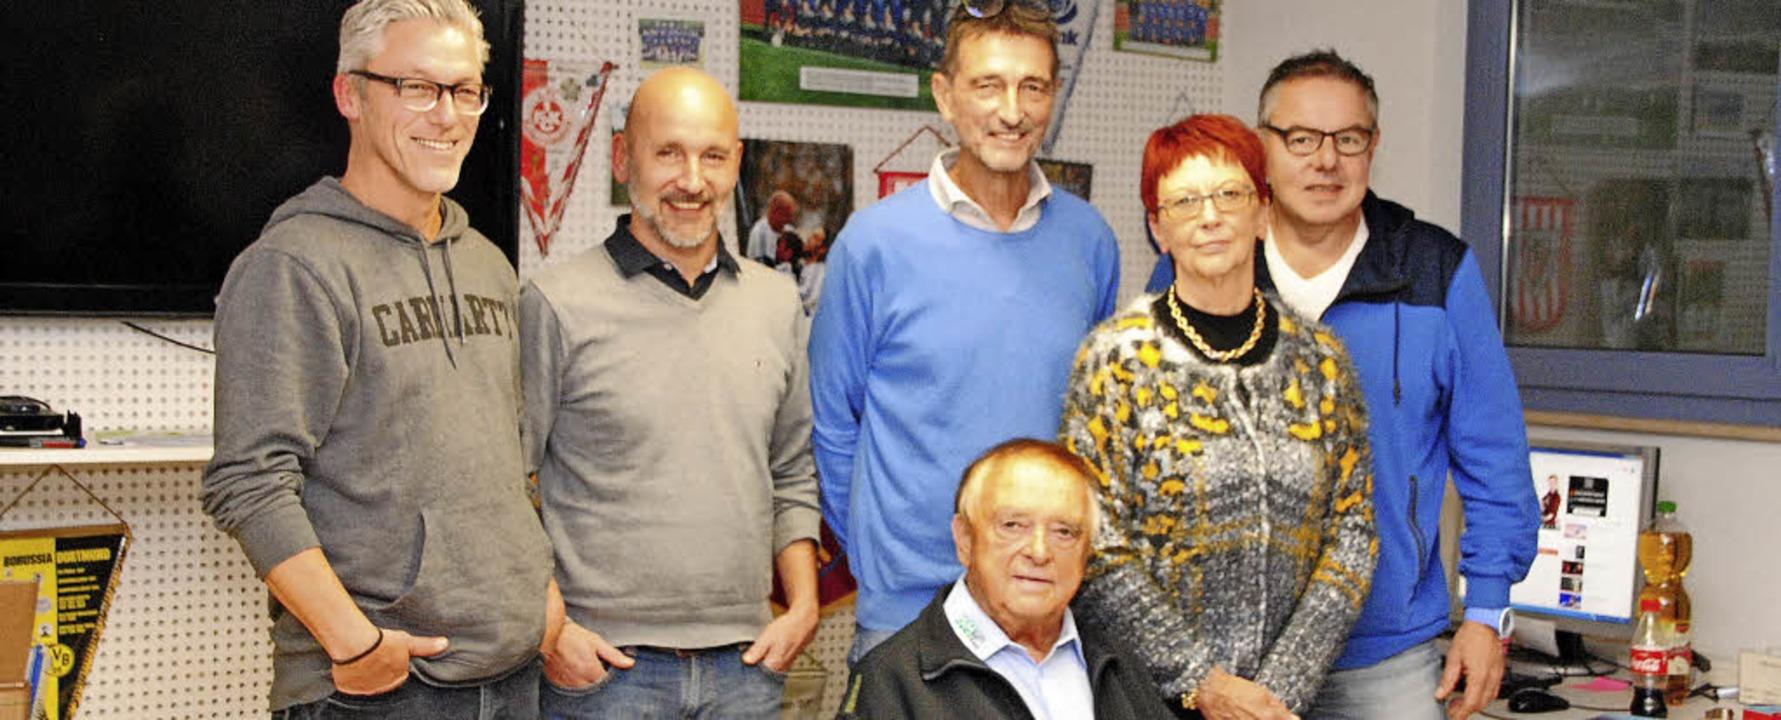 Der geschäftsführende Vorstand des SV ...Elisabeth Kellringer und Bernd Grether  | Foto: SEDLAK